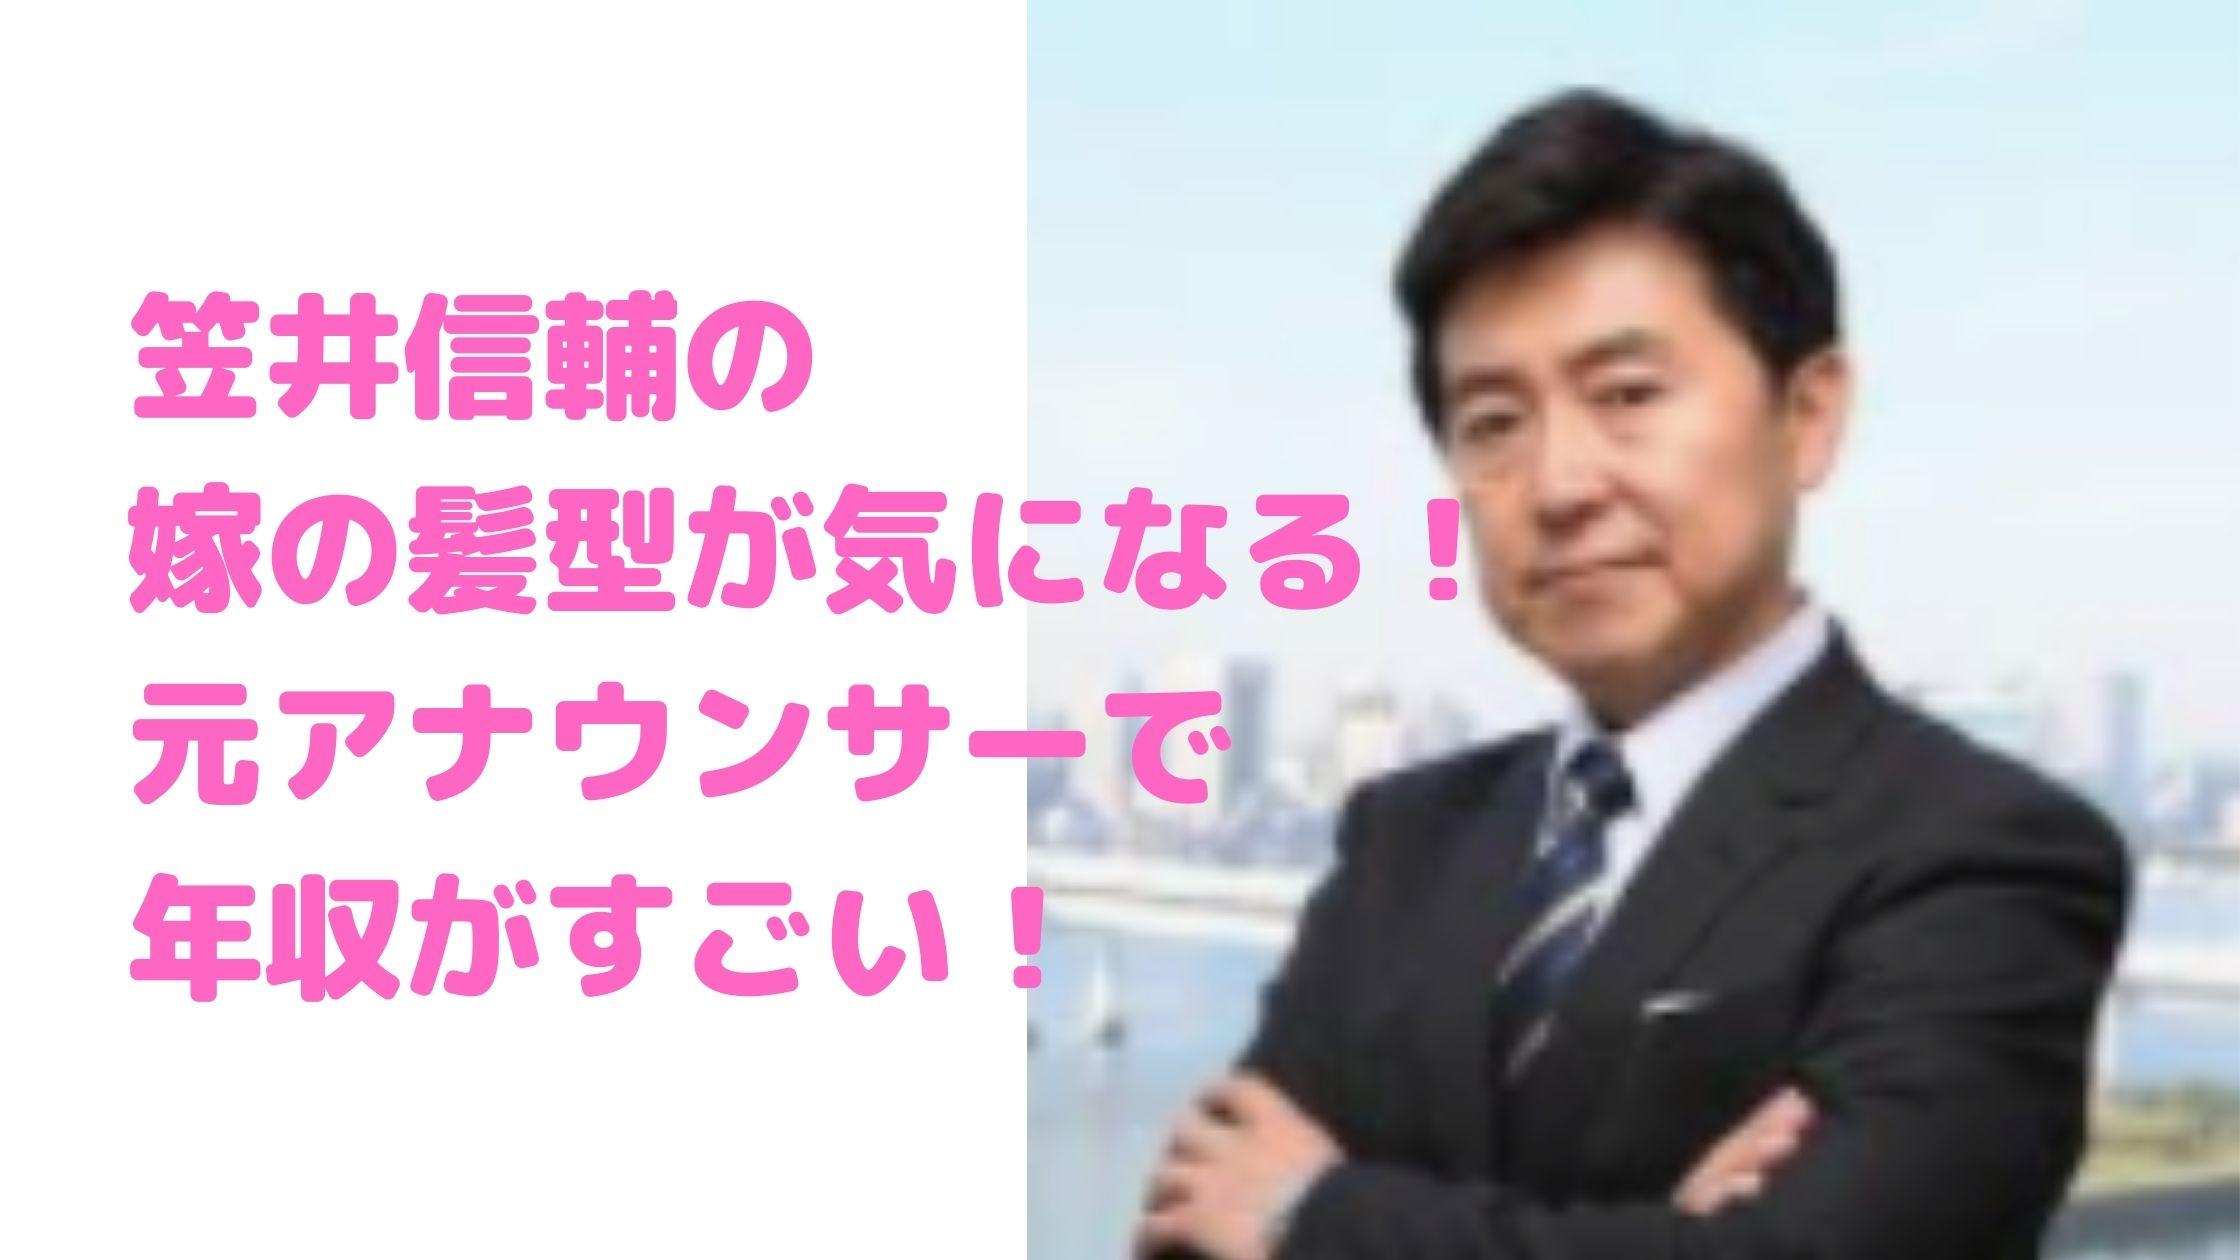 テレビ 笠井 フジ アナウンサー